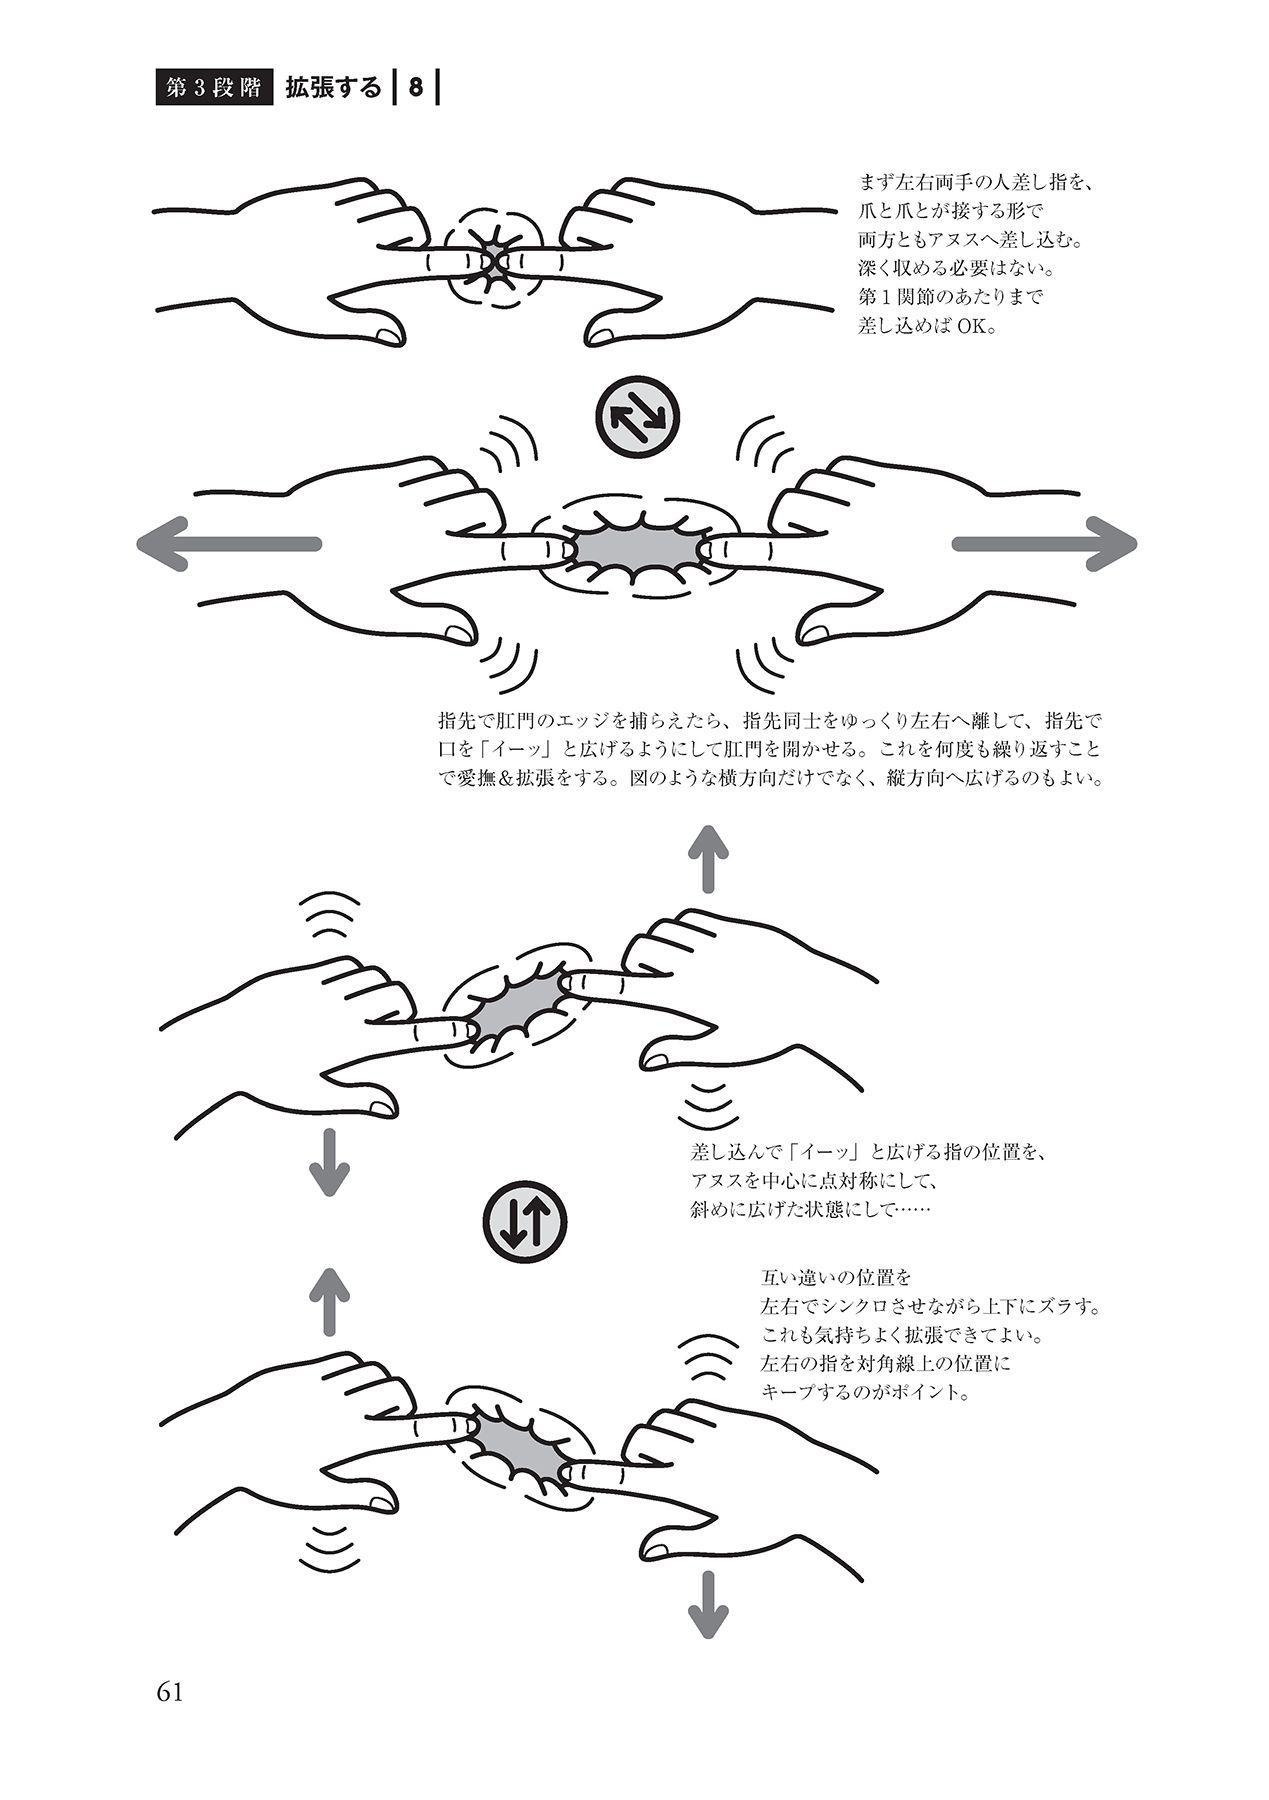 アナル性感開発・お尻エッチ 完全マニュアル 62